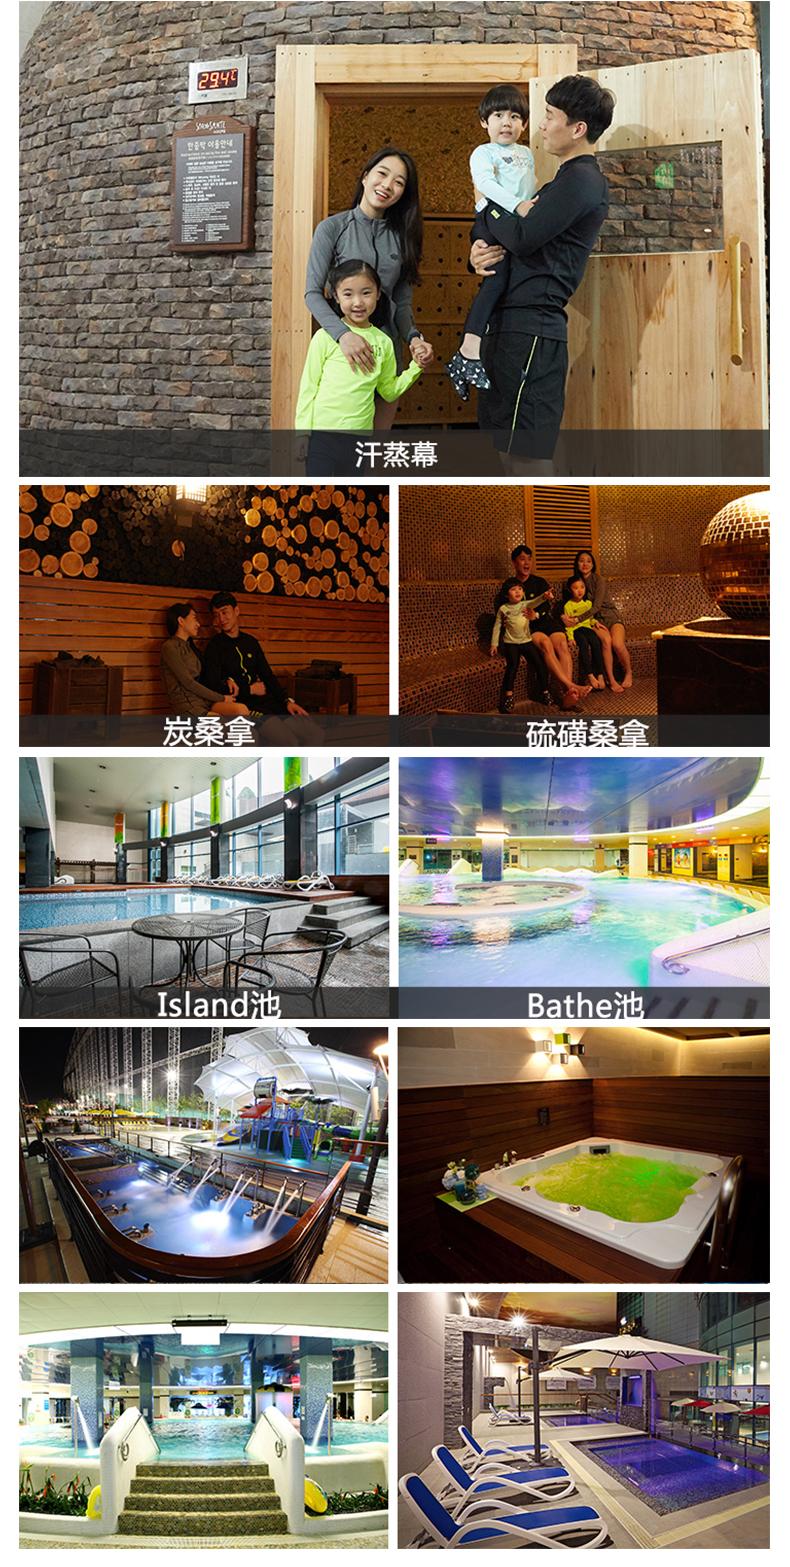 京畿道熊津蒲蕾乐园娱乐城-详情页_09.jpg